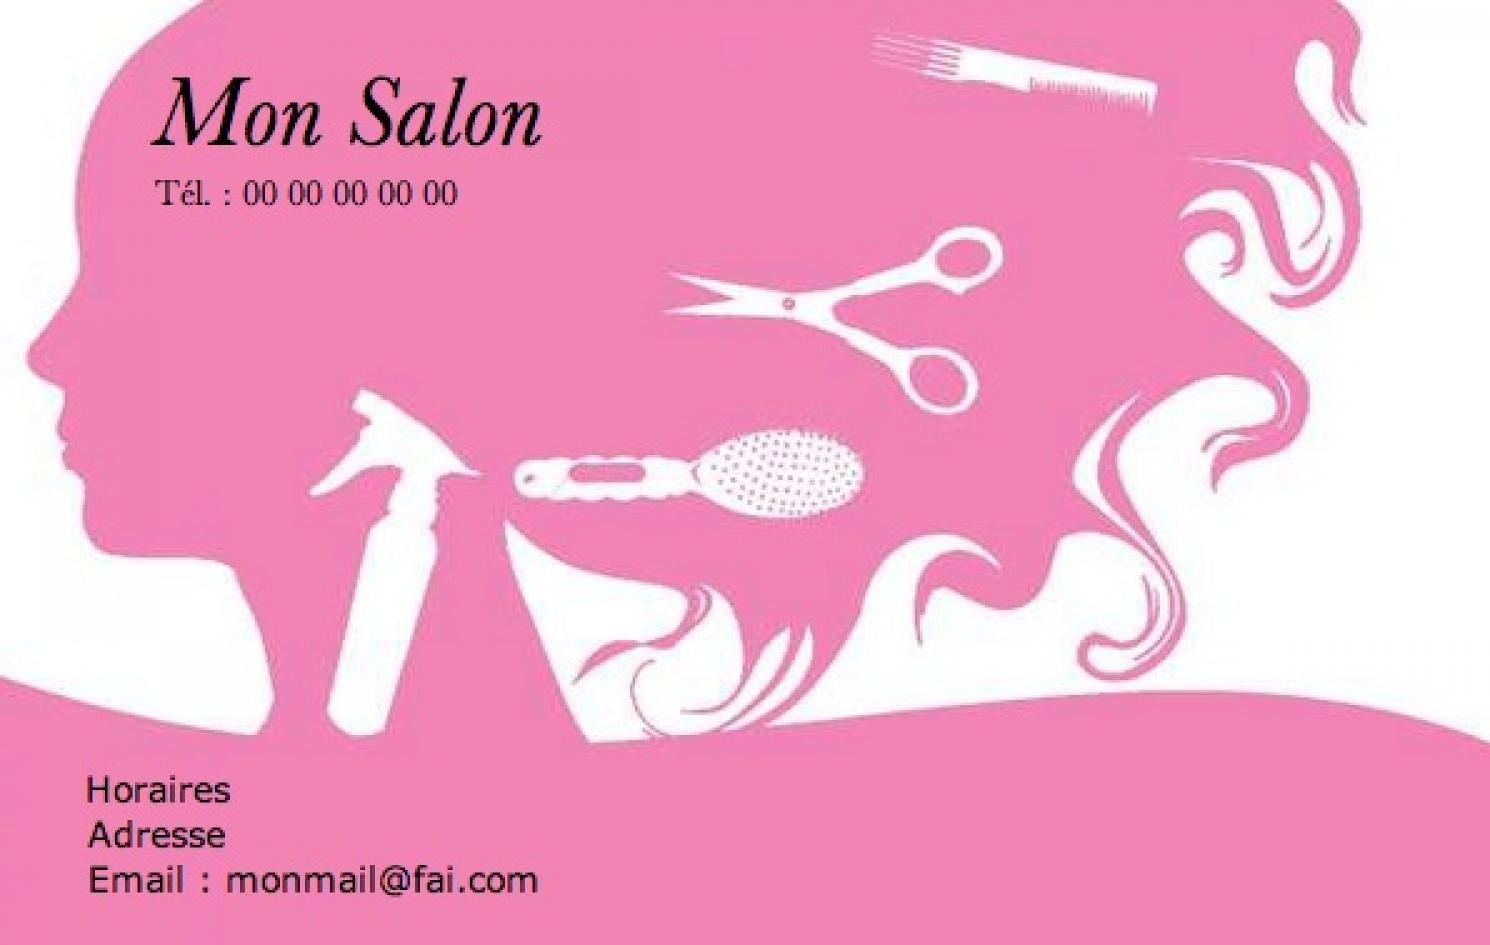 Coiffure Femme Carte De Visite Pour Salon A Domicile Modele Professionnelle Gratuit Personnaliser En Ligne Avec Impression